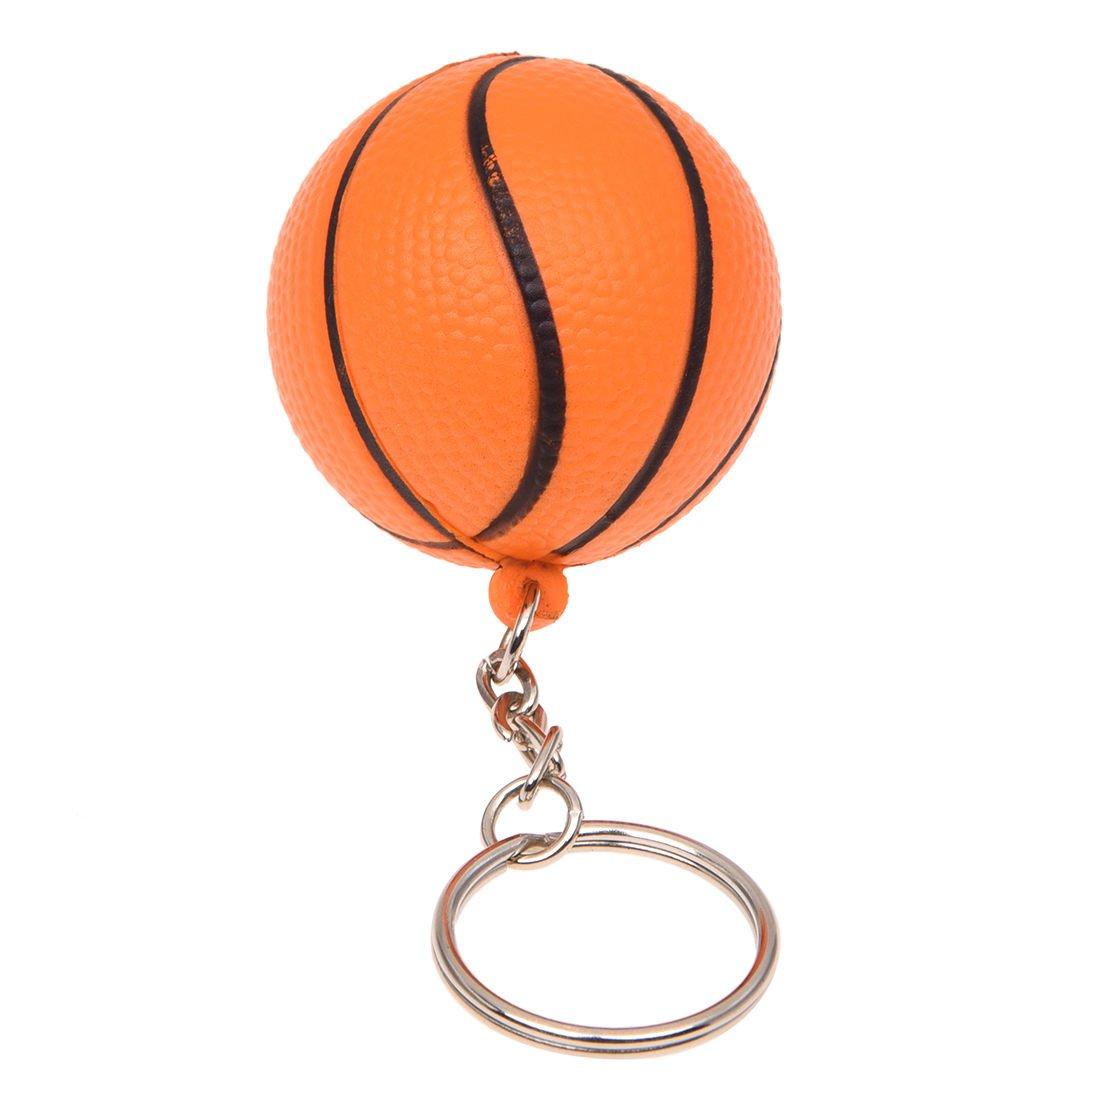 R TOOGOO Llavero de division Cadena de llave encanto decoracion de forma del baloncesto naranja